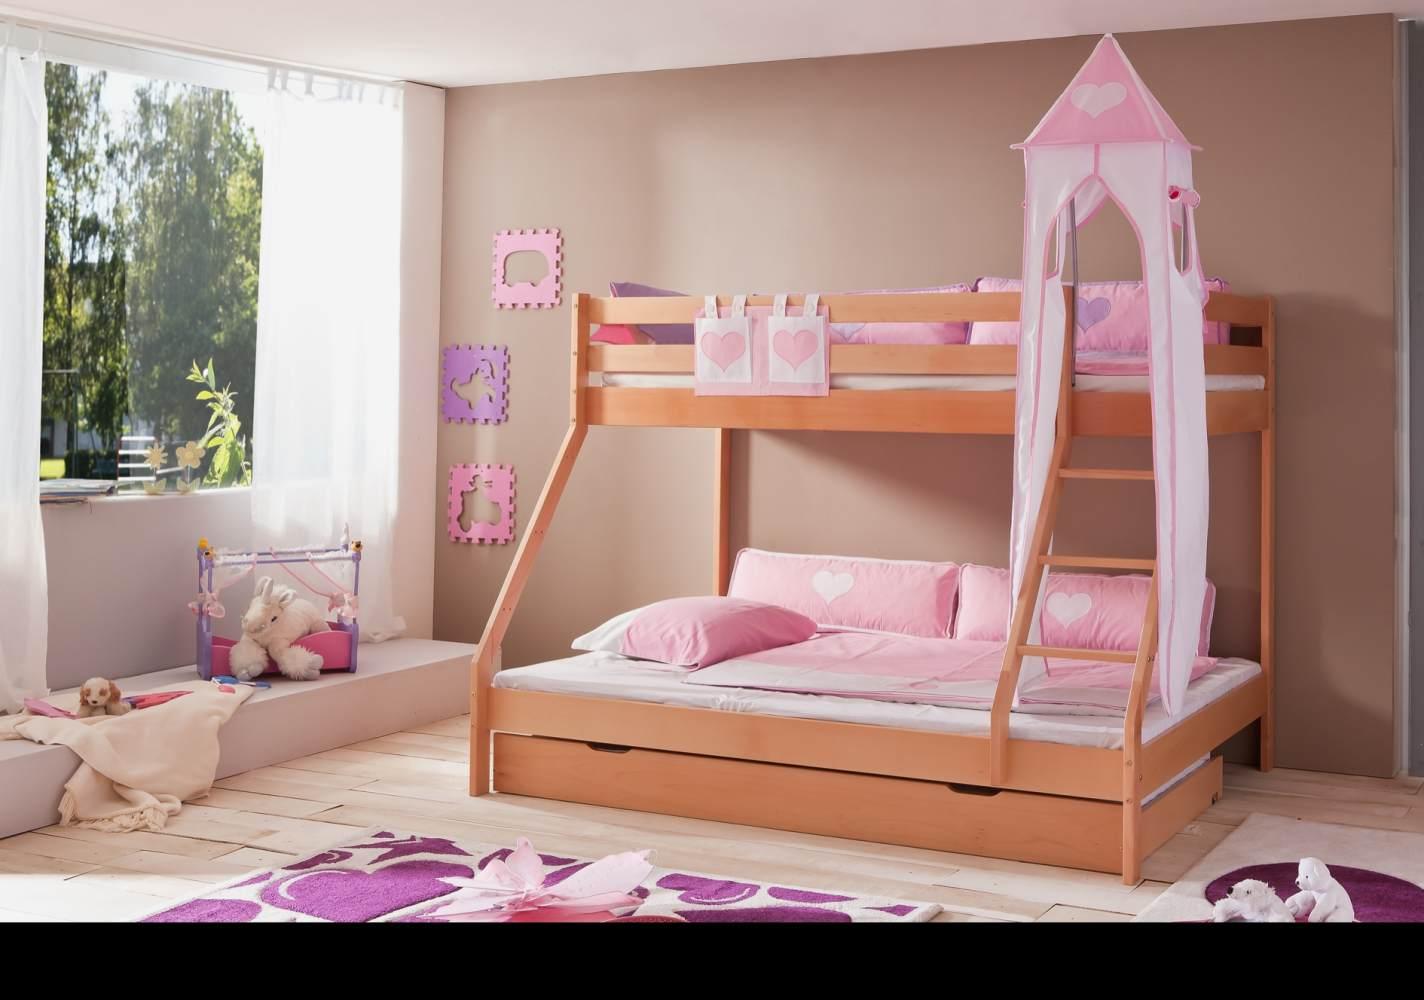 Relita 'Mike' Etagenbett natur inkl. Bettschublade und Textilset Turm und Tasche 'rosa/weiß' Bild 1